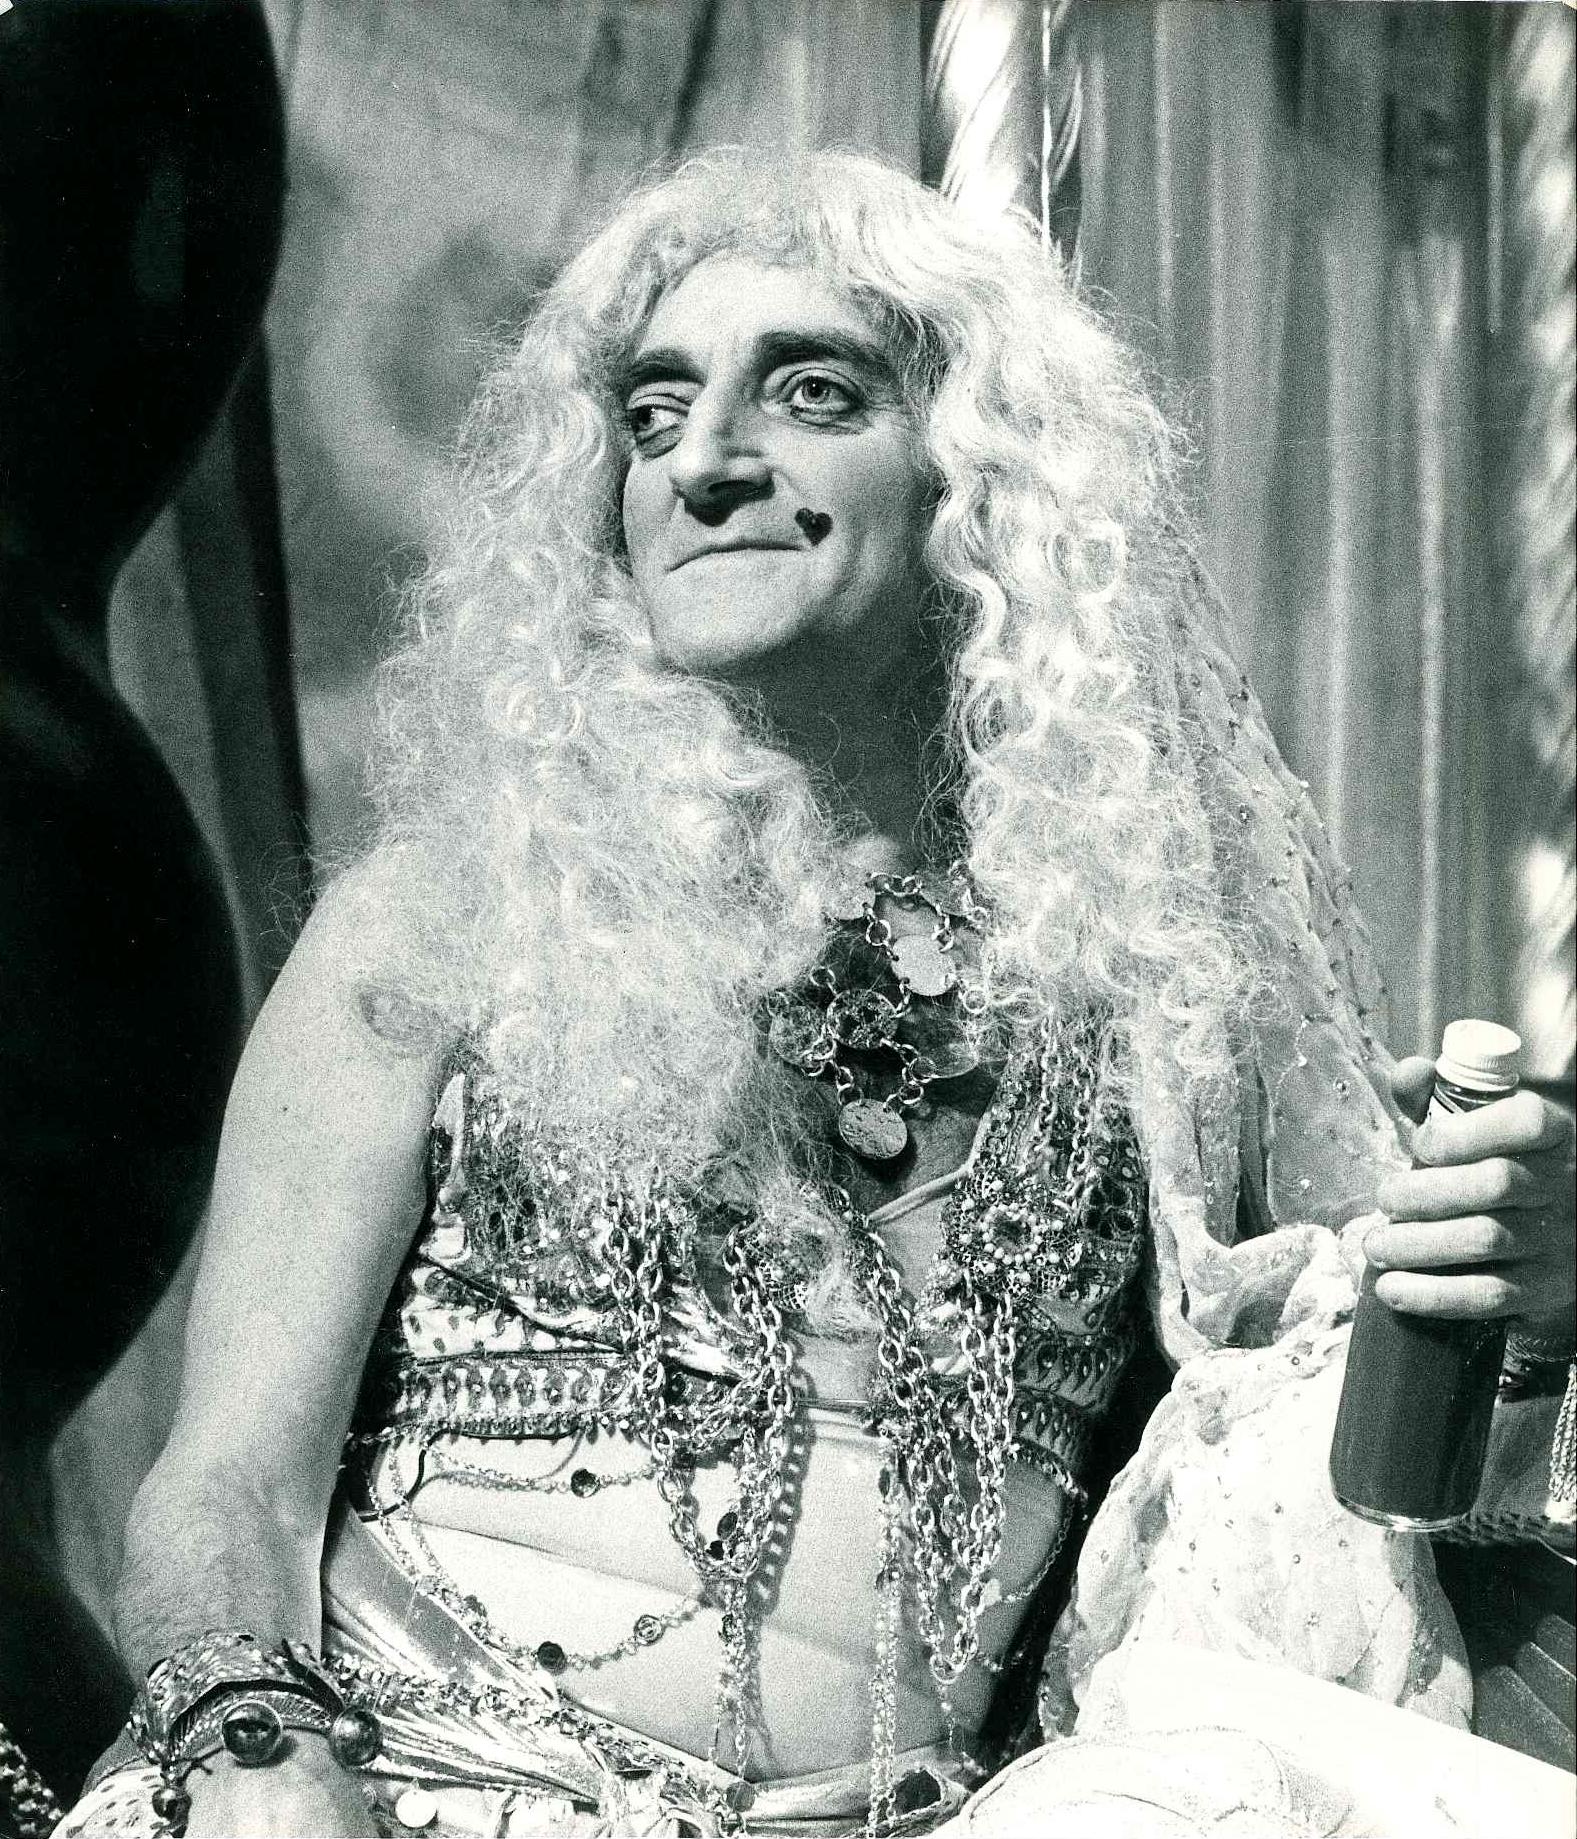 Marty Feldmann